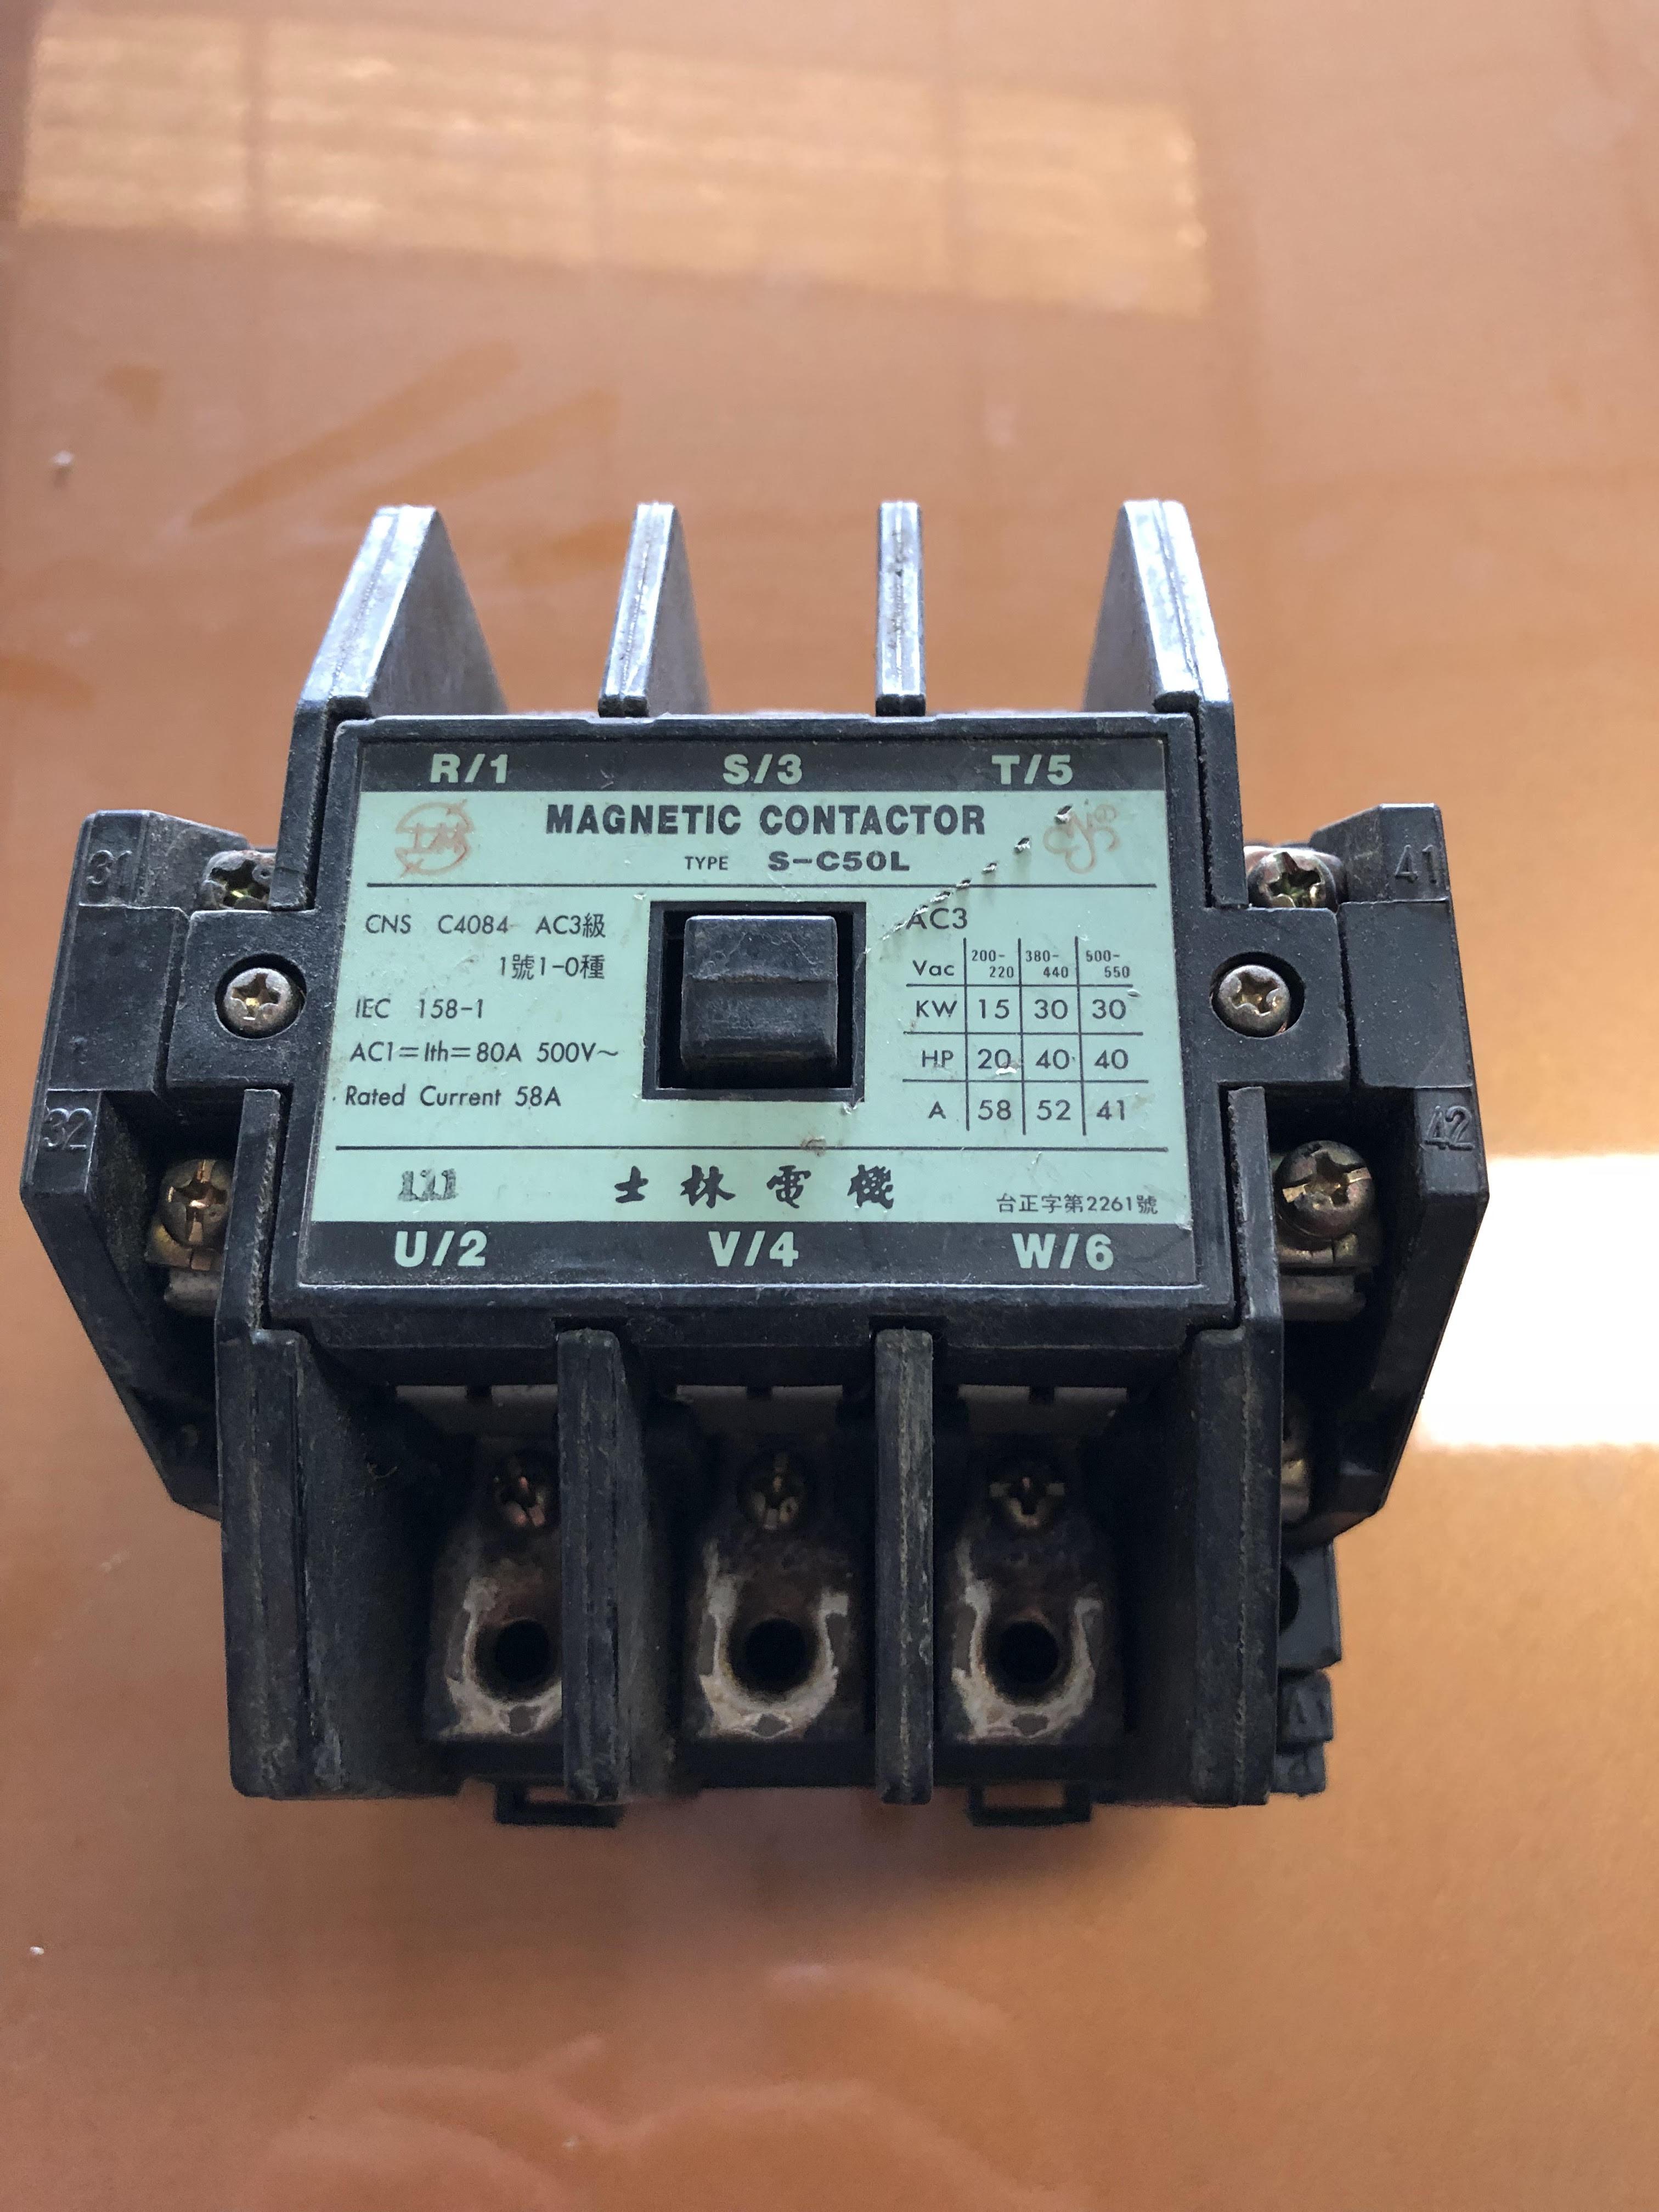 Khởi động từ - Contactor 40 - 50A